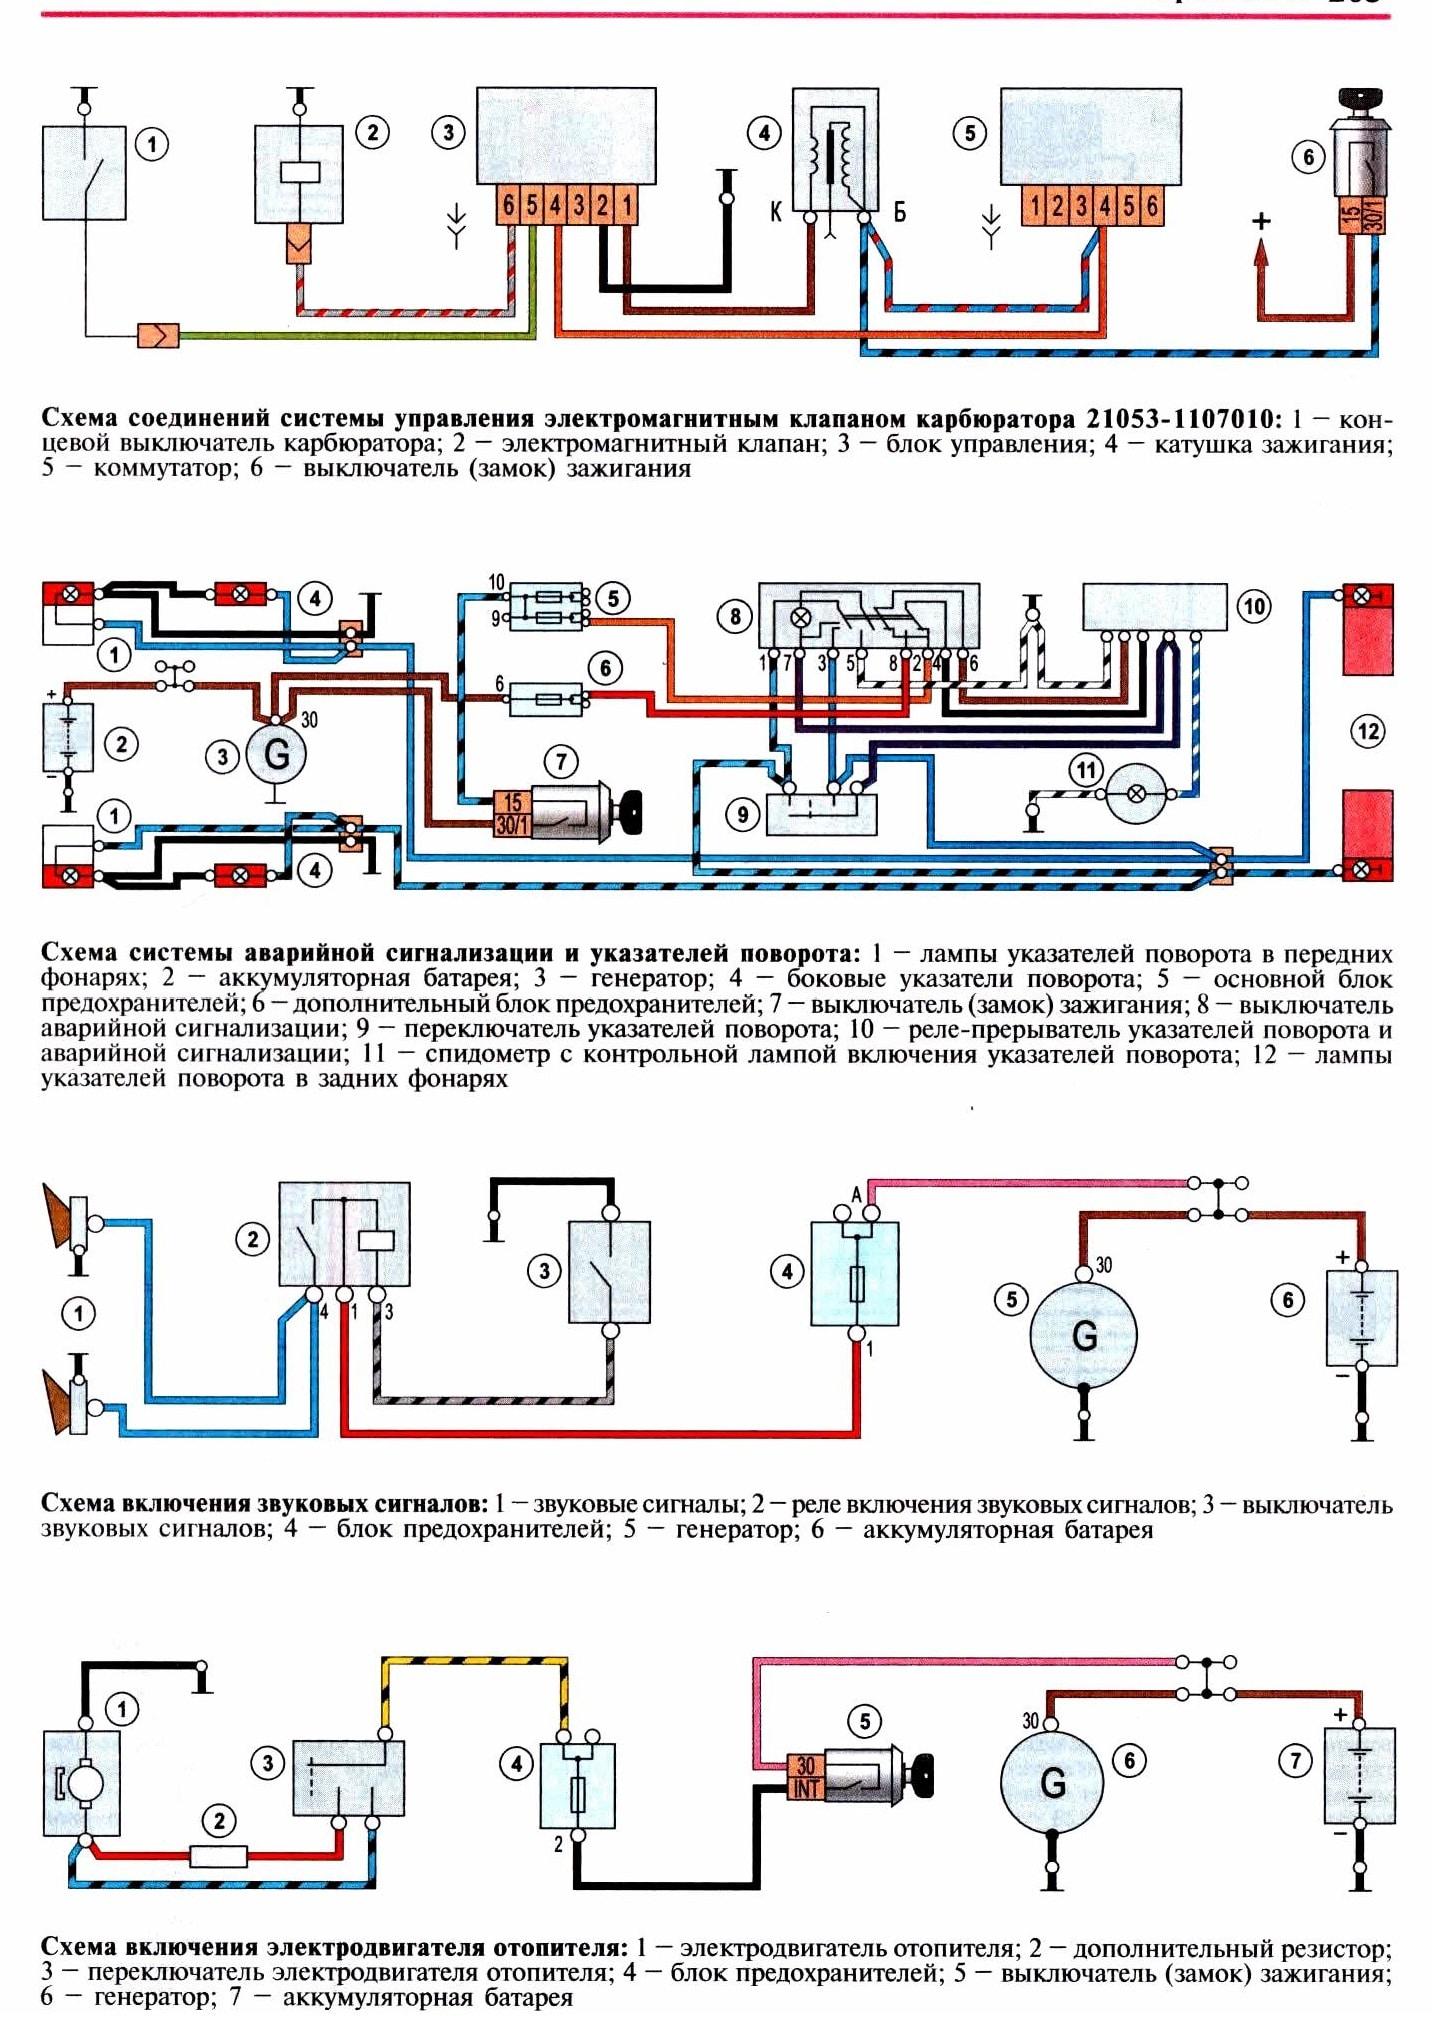 Схема предохранителей в 2106